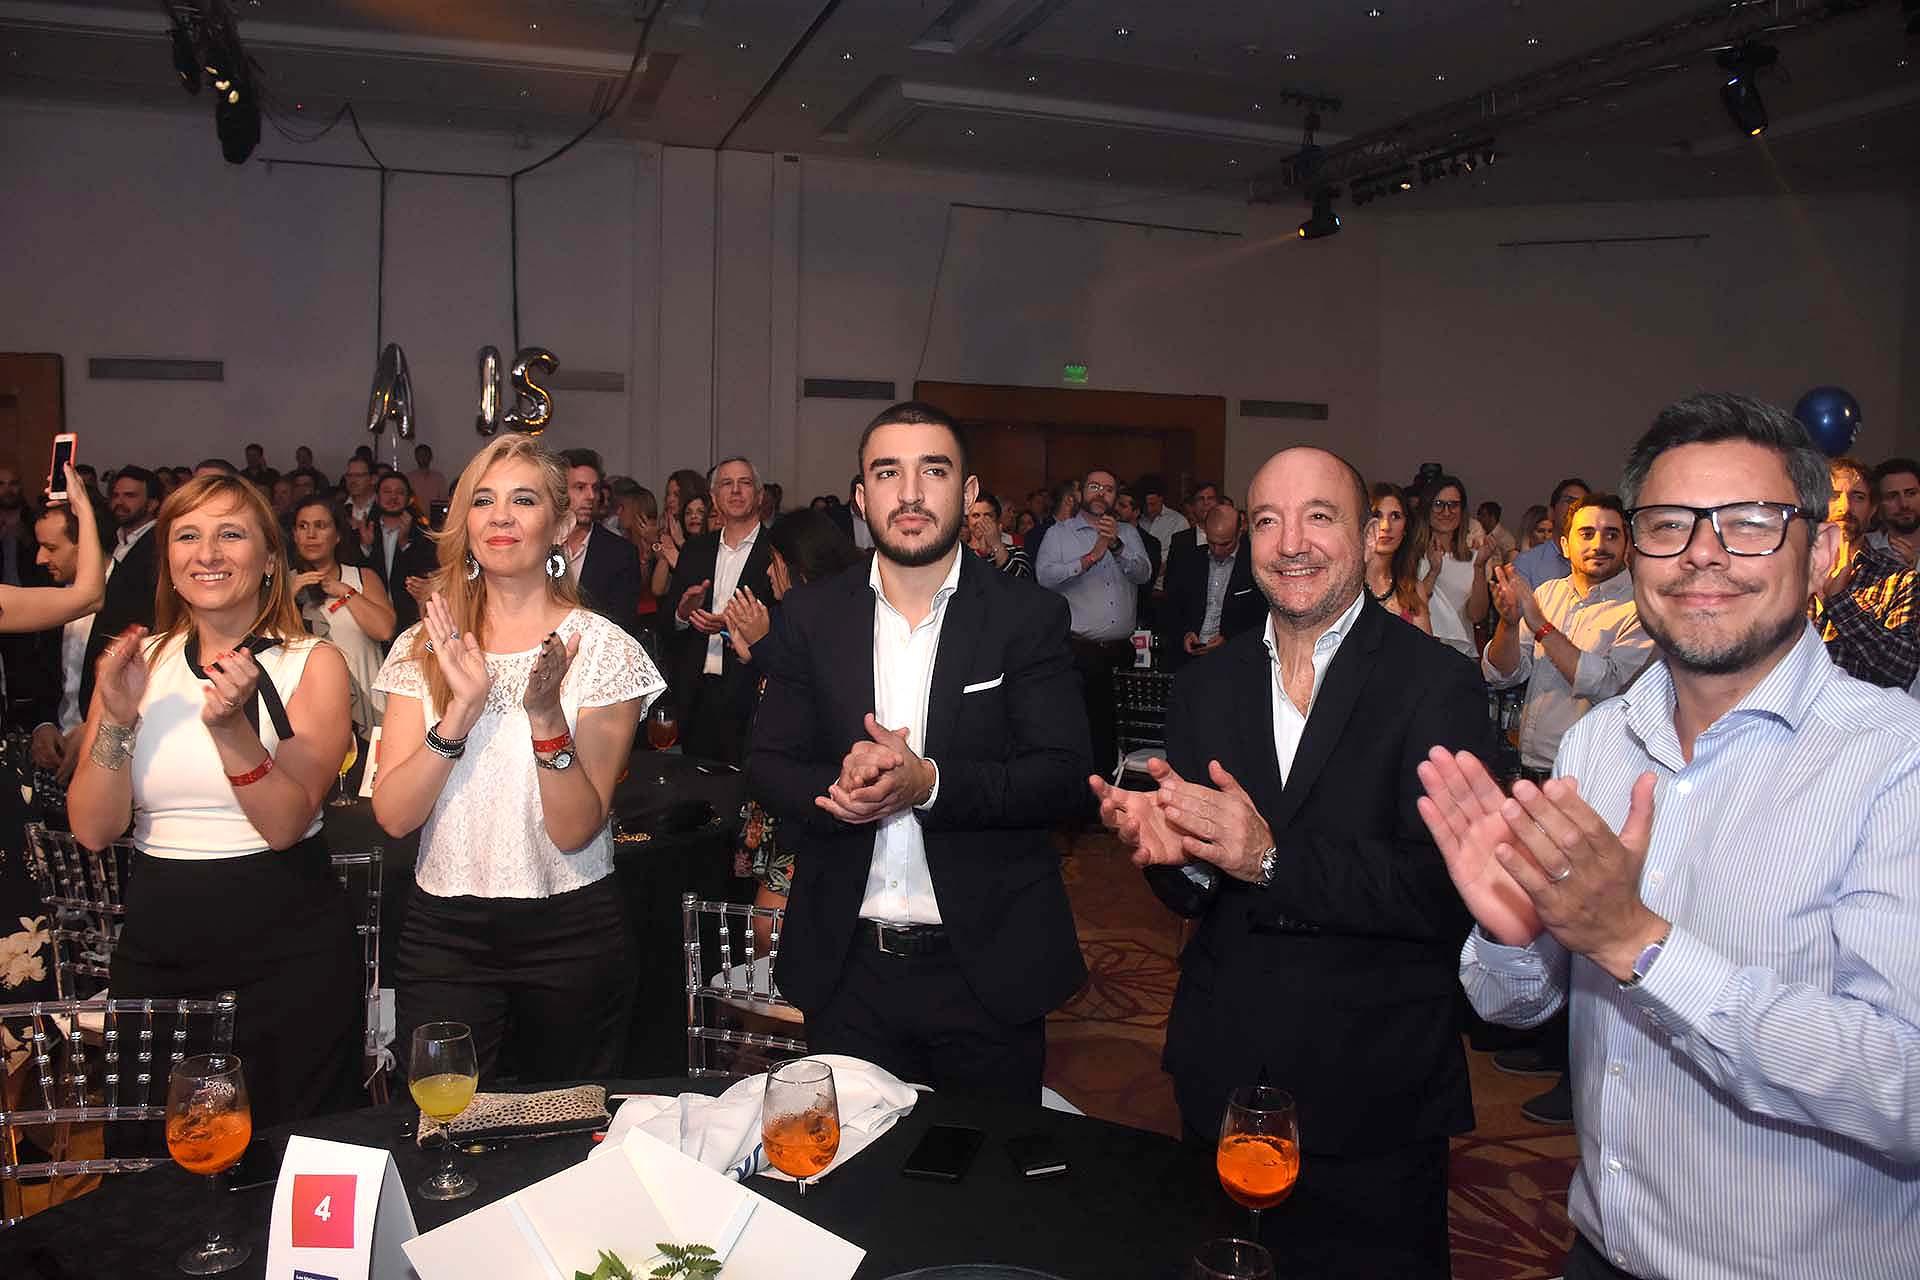 EVOLTIS - Marcelo Bechara, presidente y fundador; Maximiliano Bechara, coordinador de marketing; Laura Regalado, gerenta de relaciones humanas; Paola Lepore, jefa de RRHH